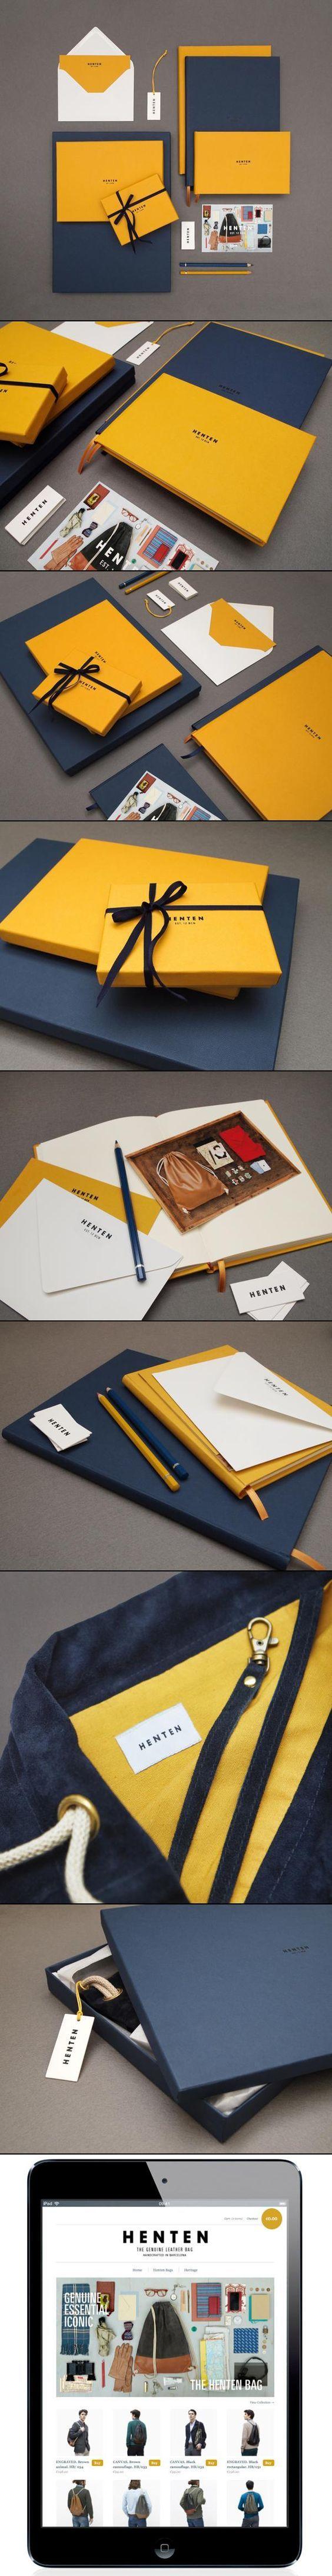 Cómo el color se convierte en una gran parte de la identidad.  identidad visual |  Henten.  Identidad corporativa / Packaging: